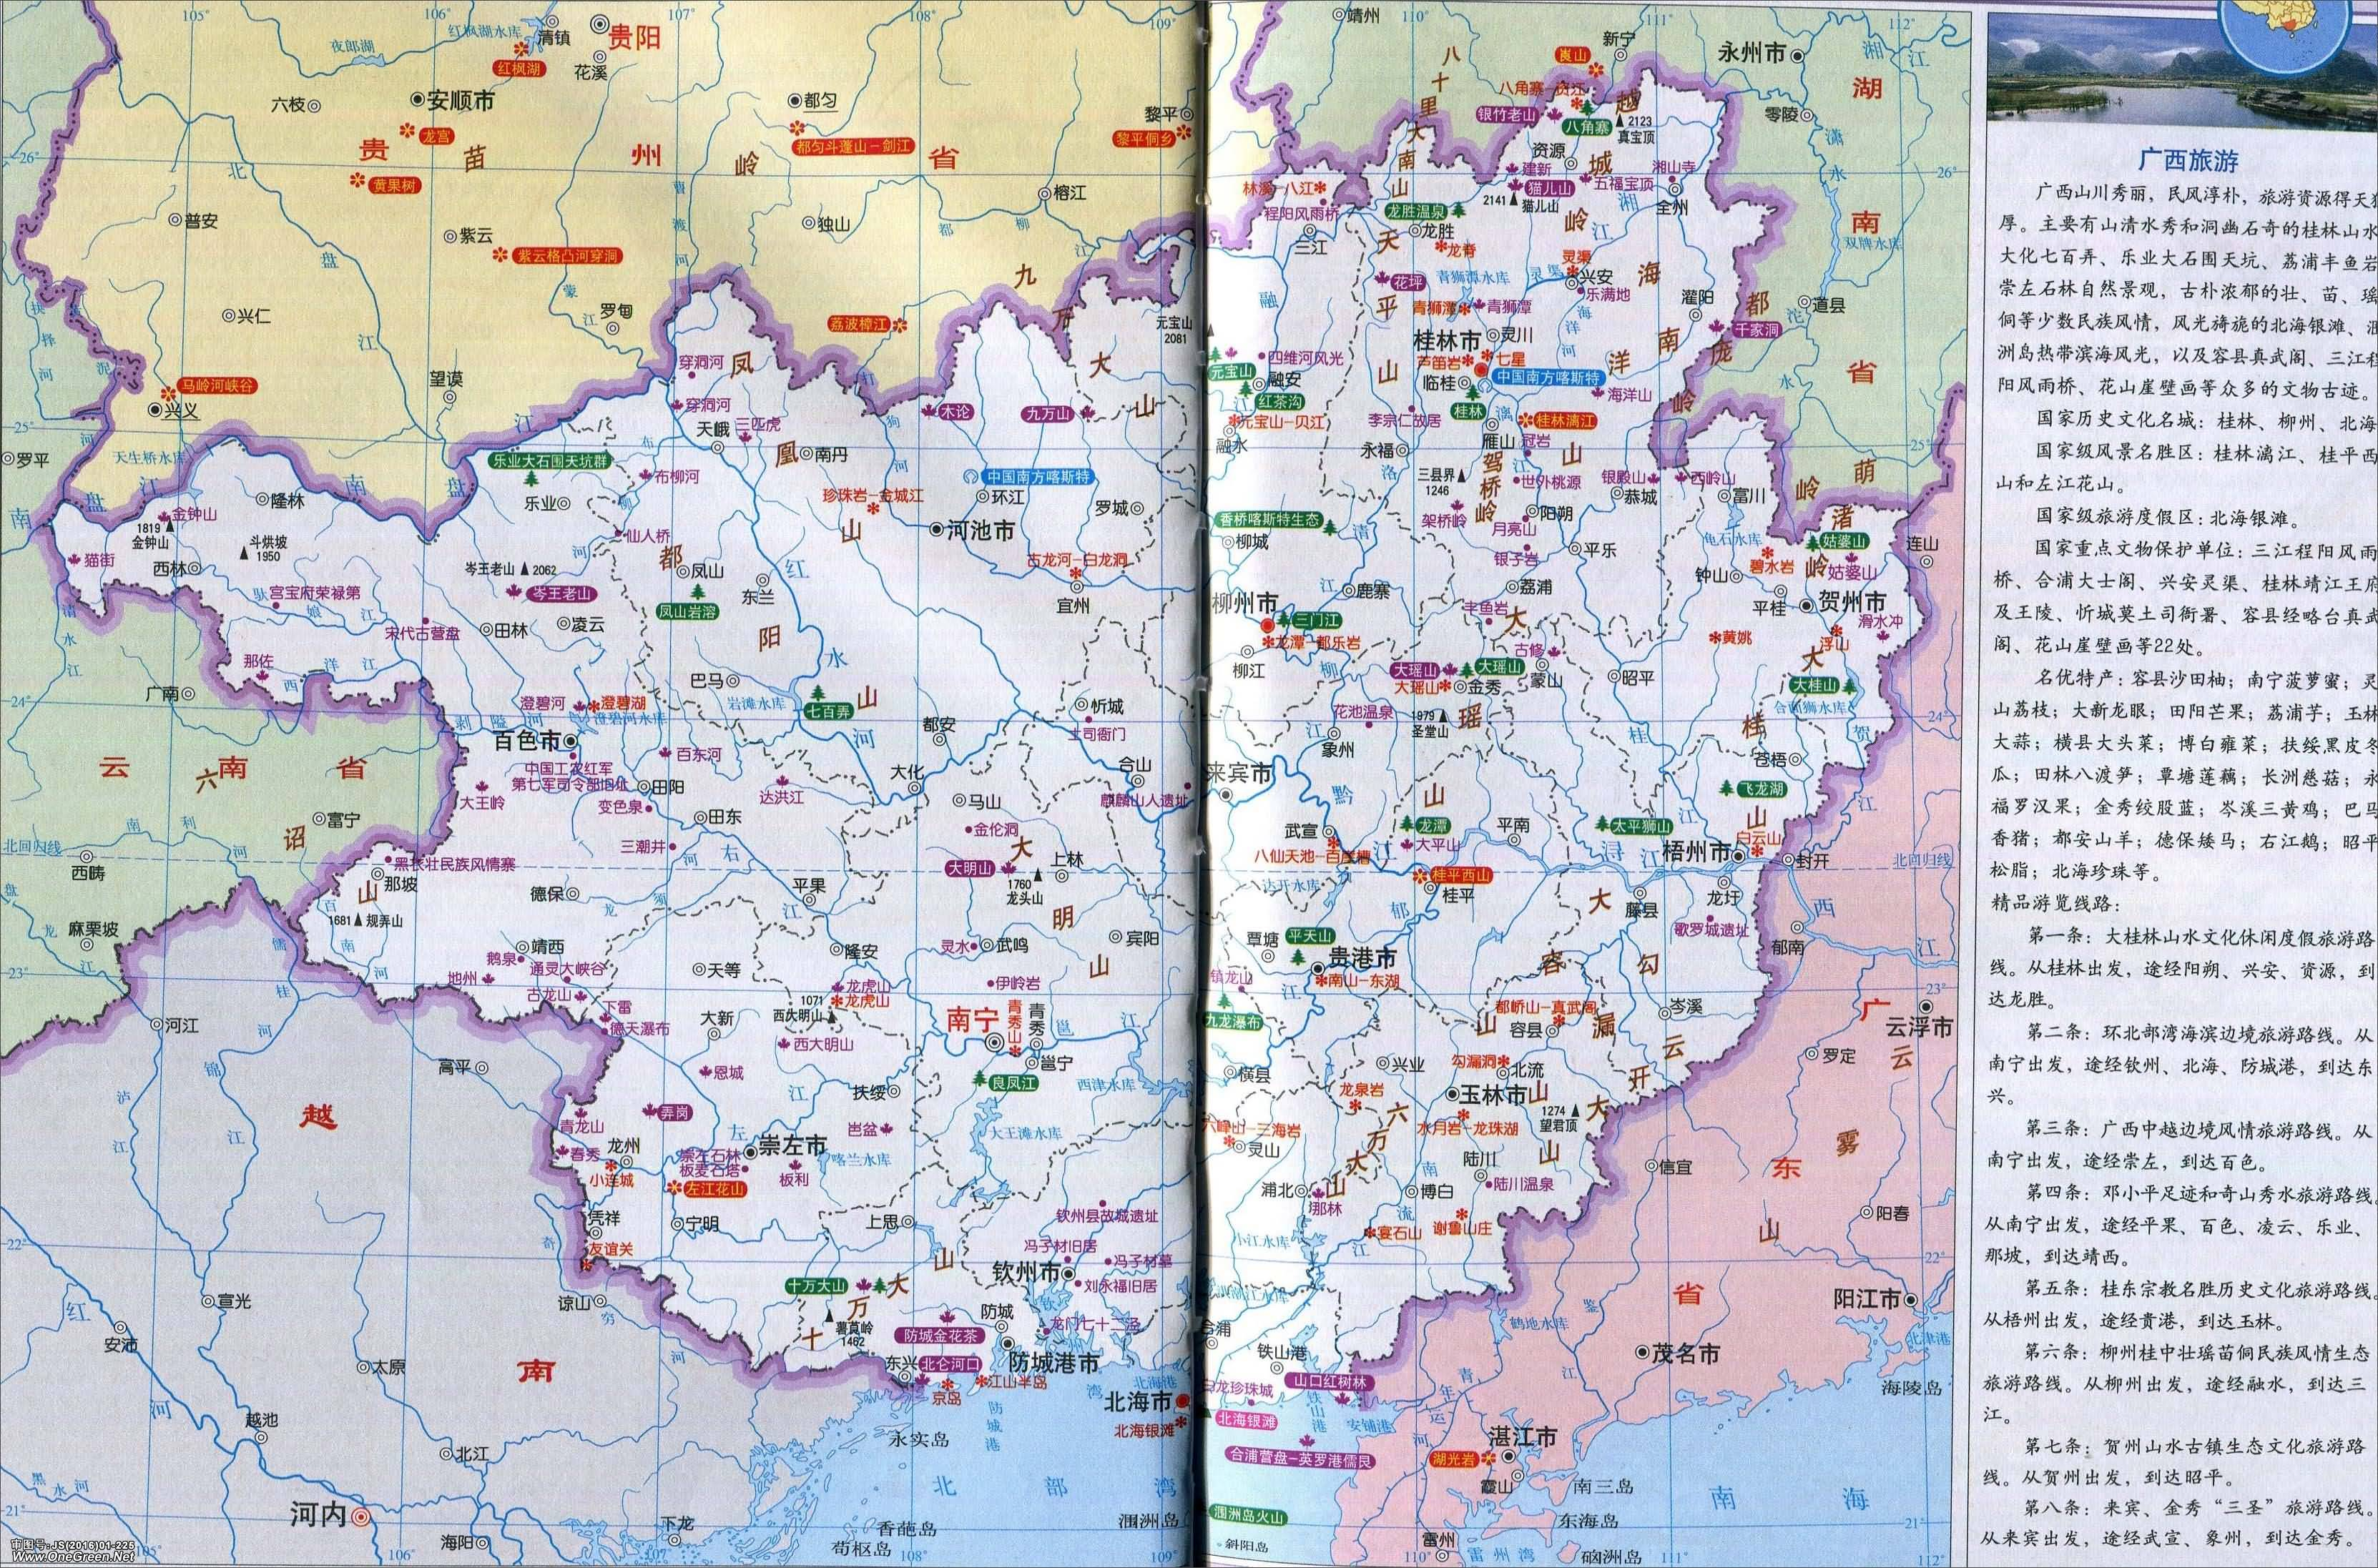 广西交通地图全图_广西旅游地图_广西地图库_地图窝